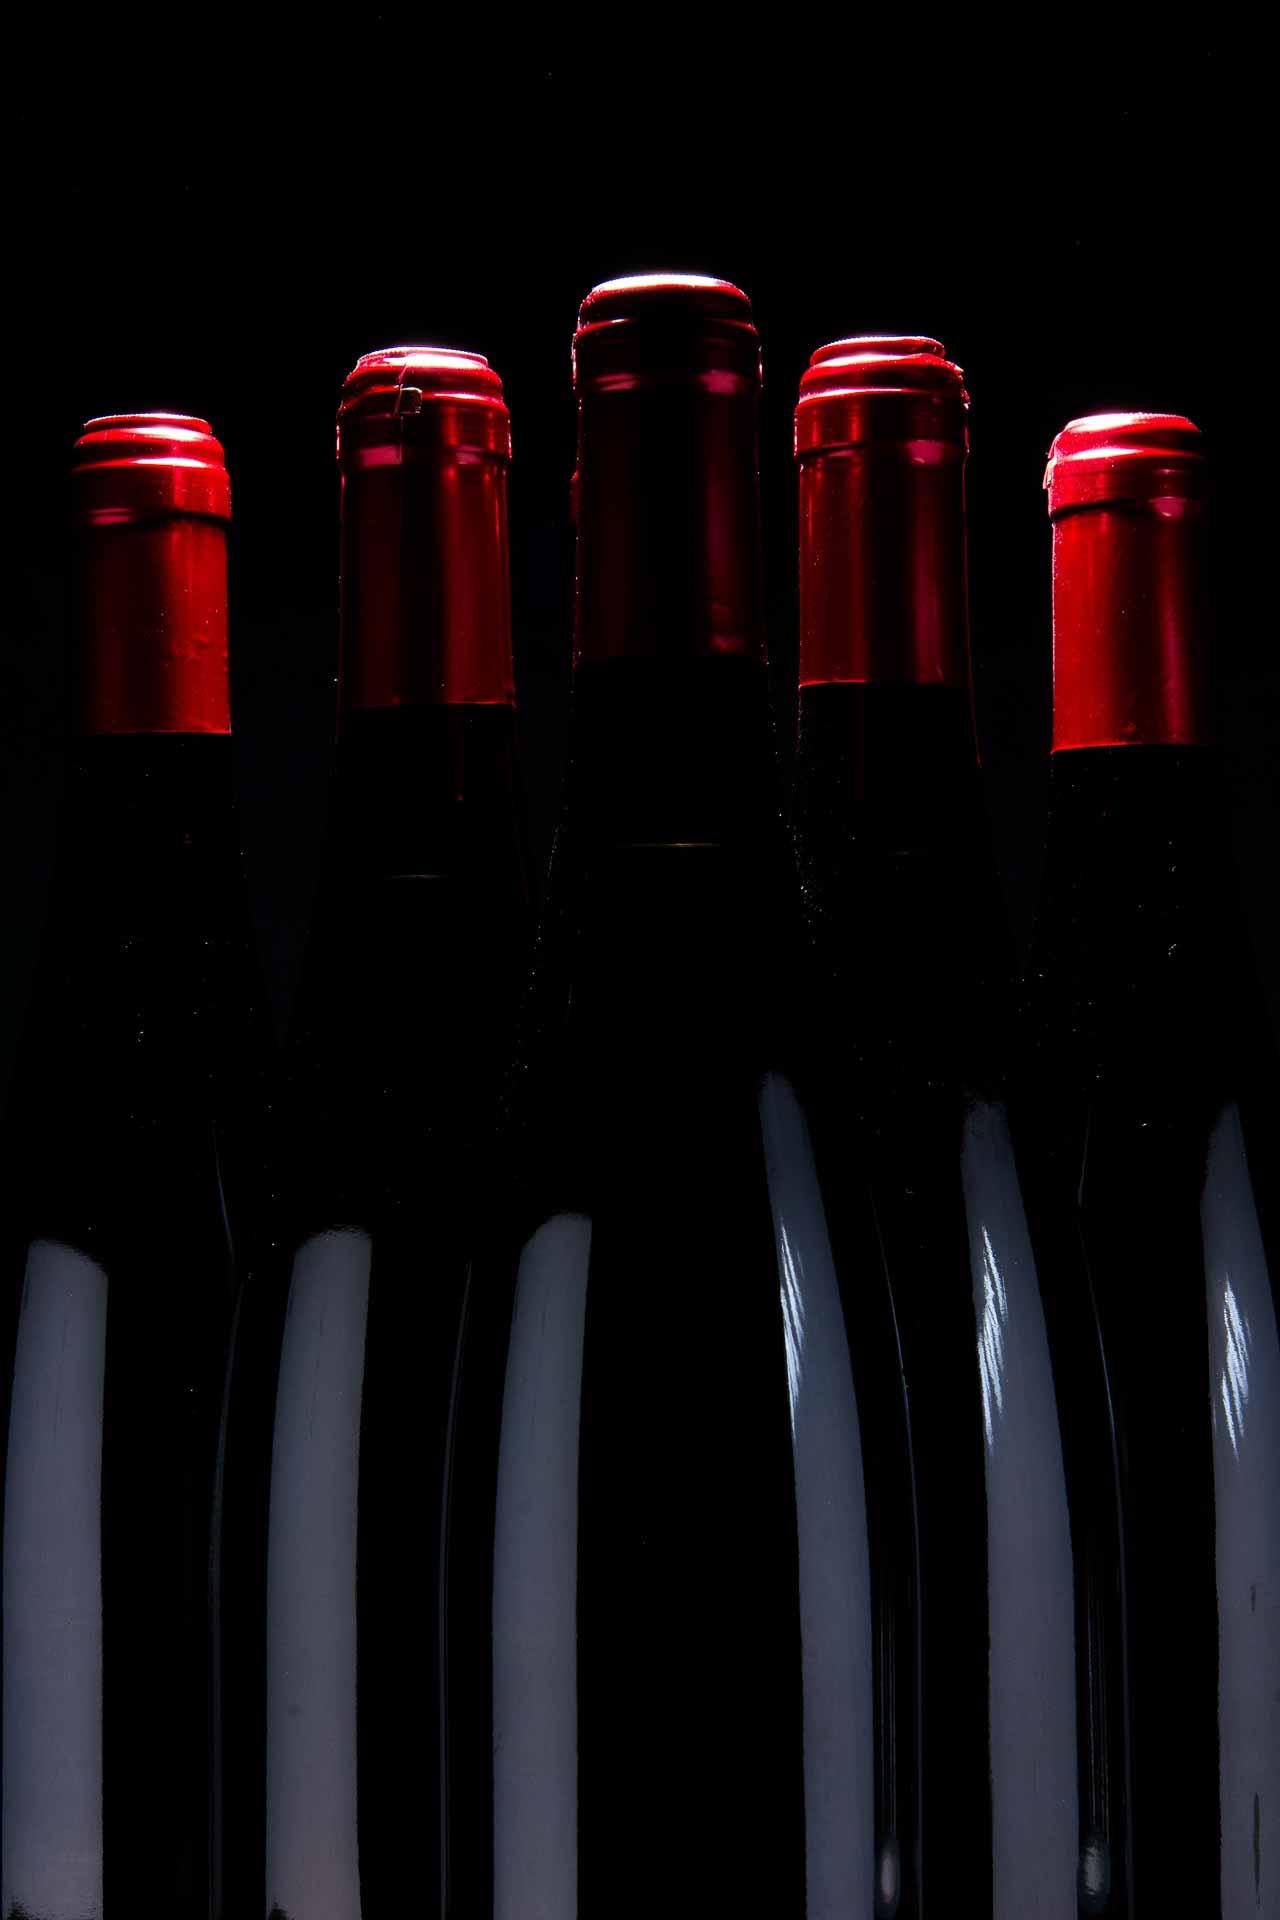 produktfoto af vinflasker